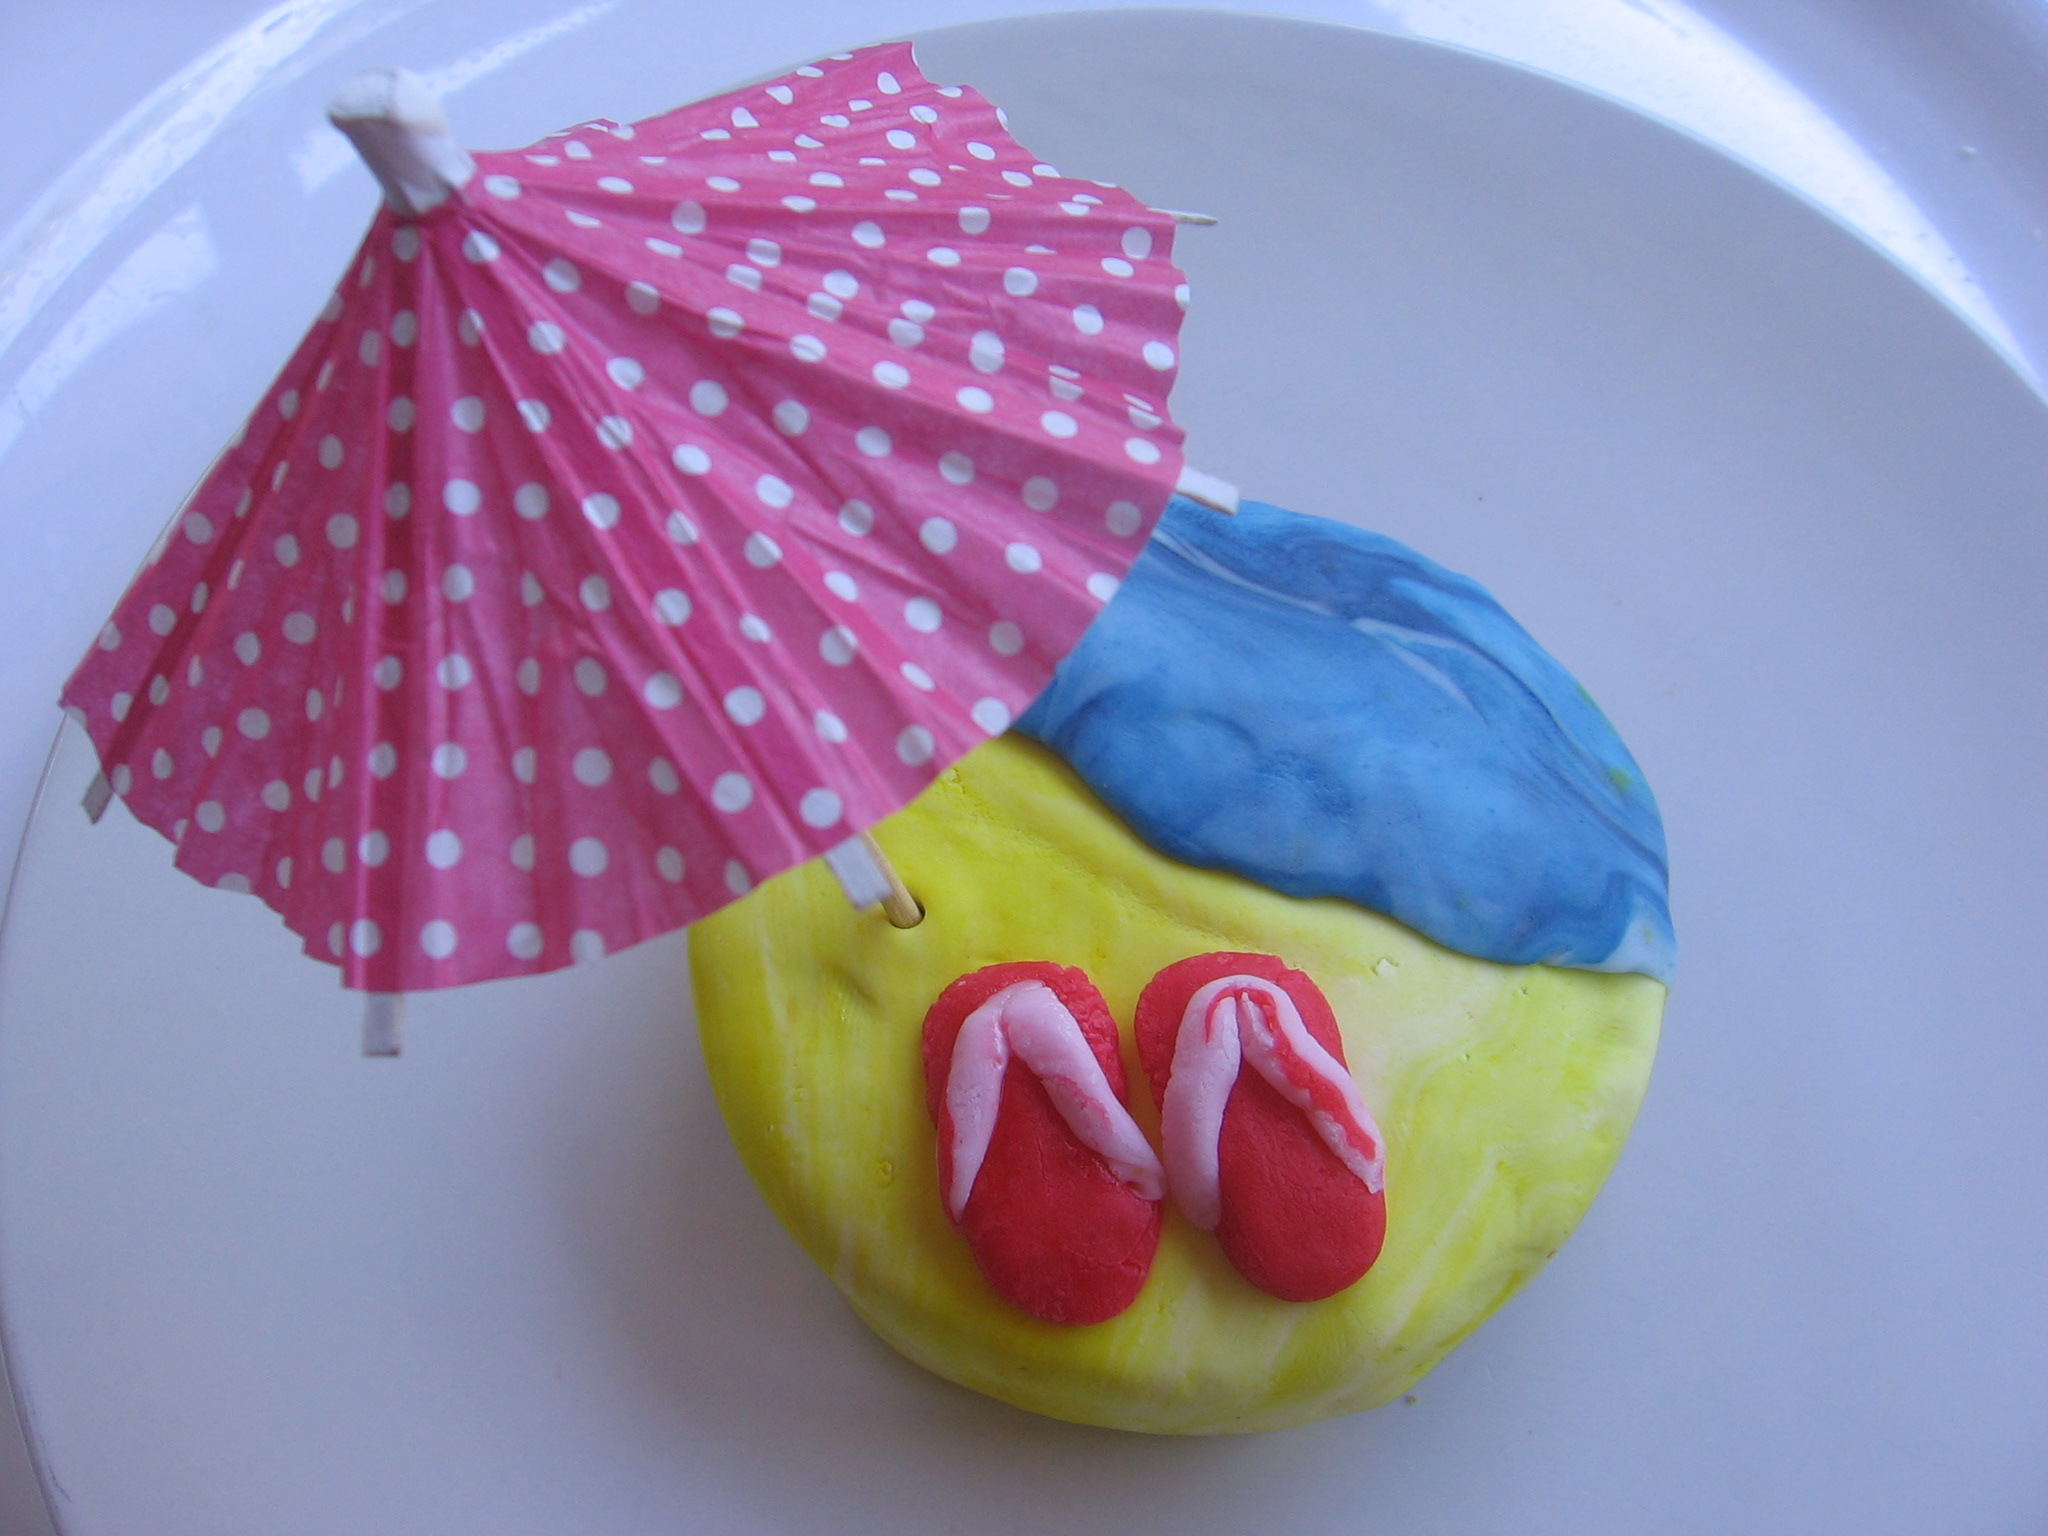 Une idée de cadeau gourmand cool : le cupcake plage avec ses tongs